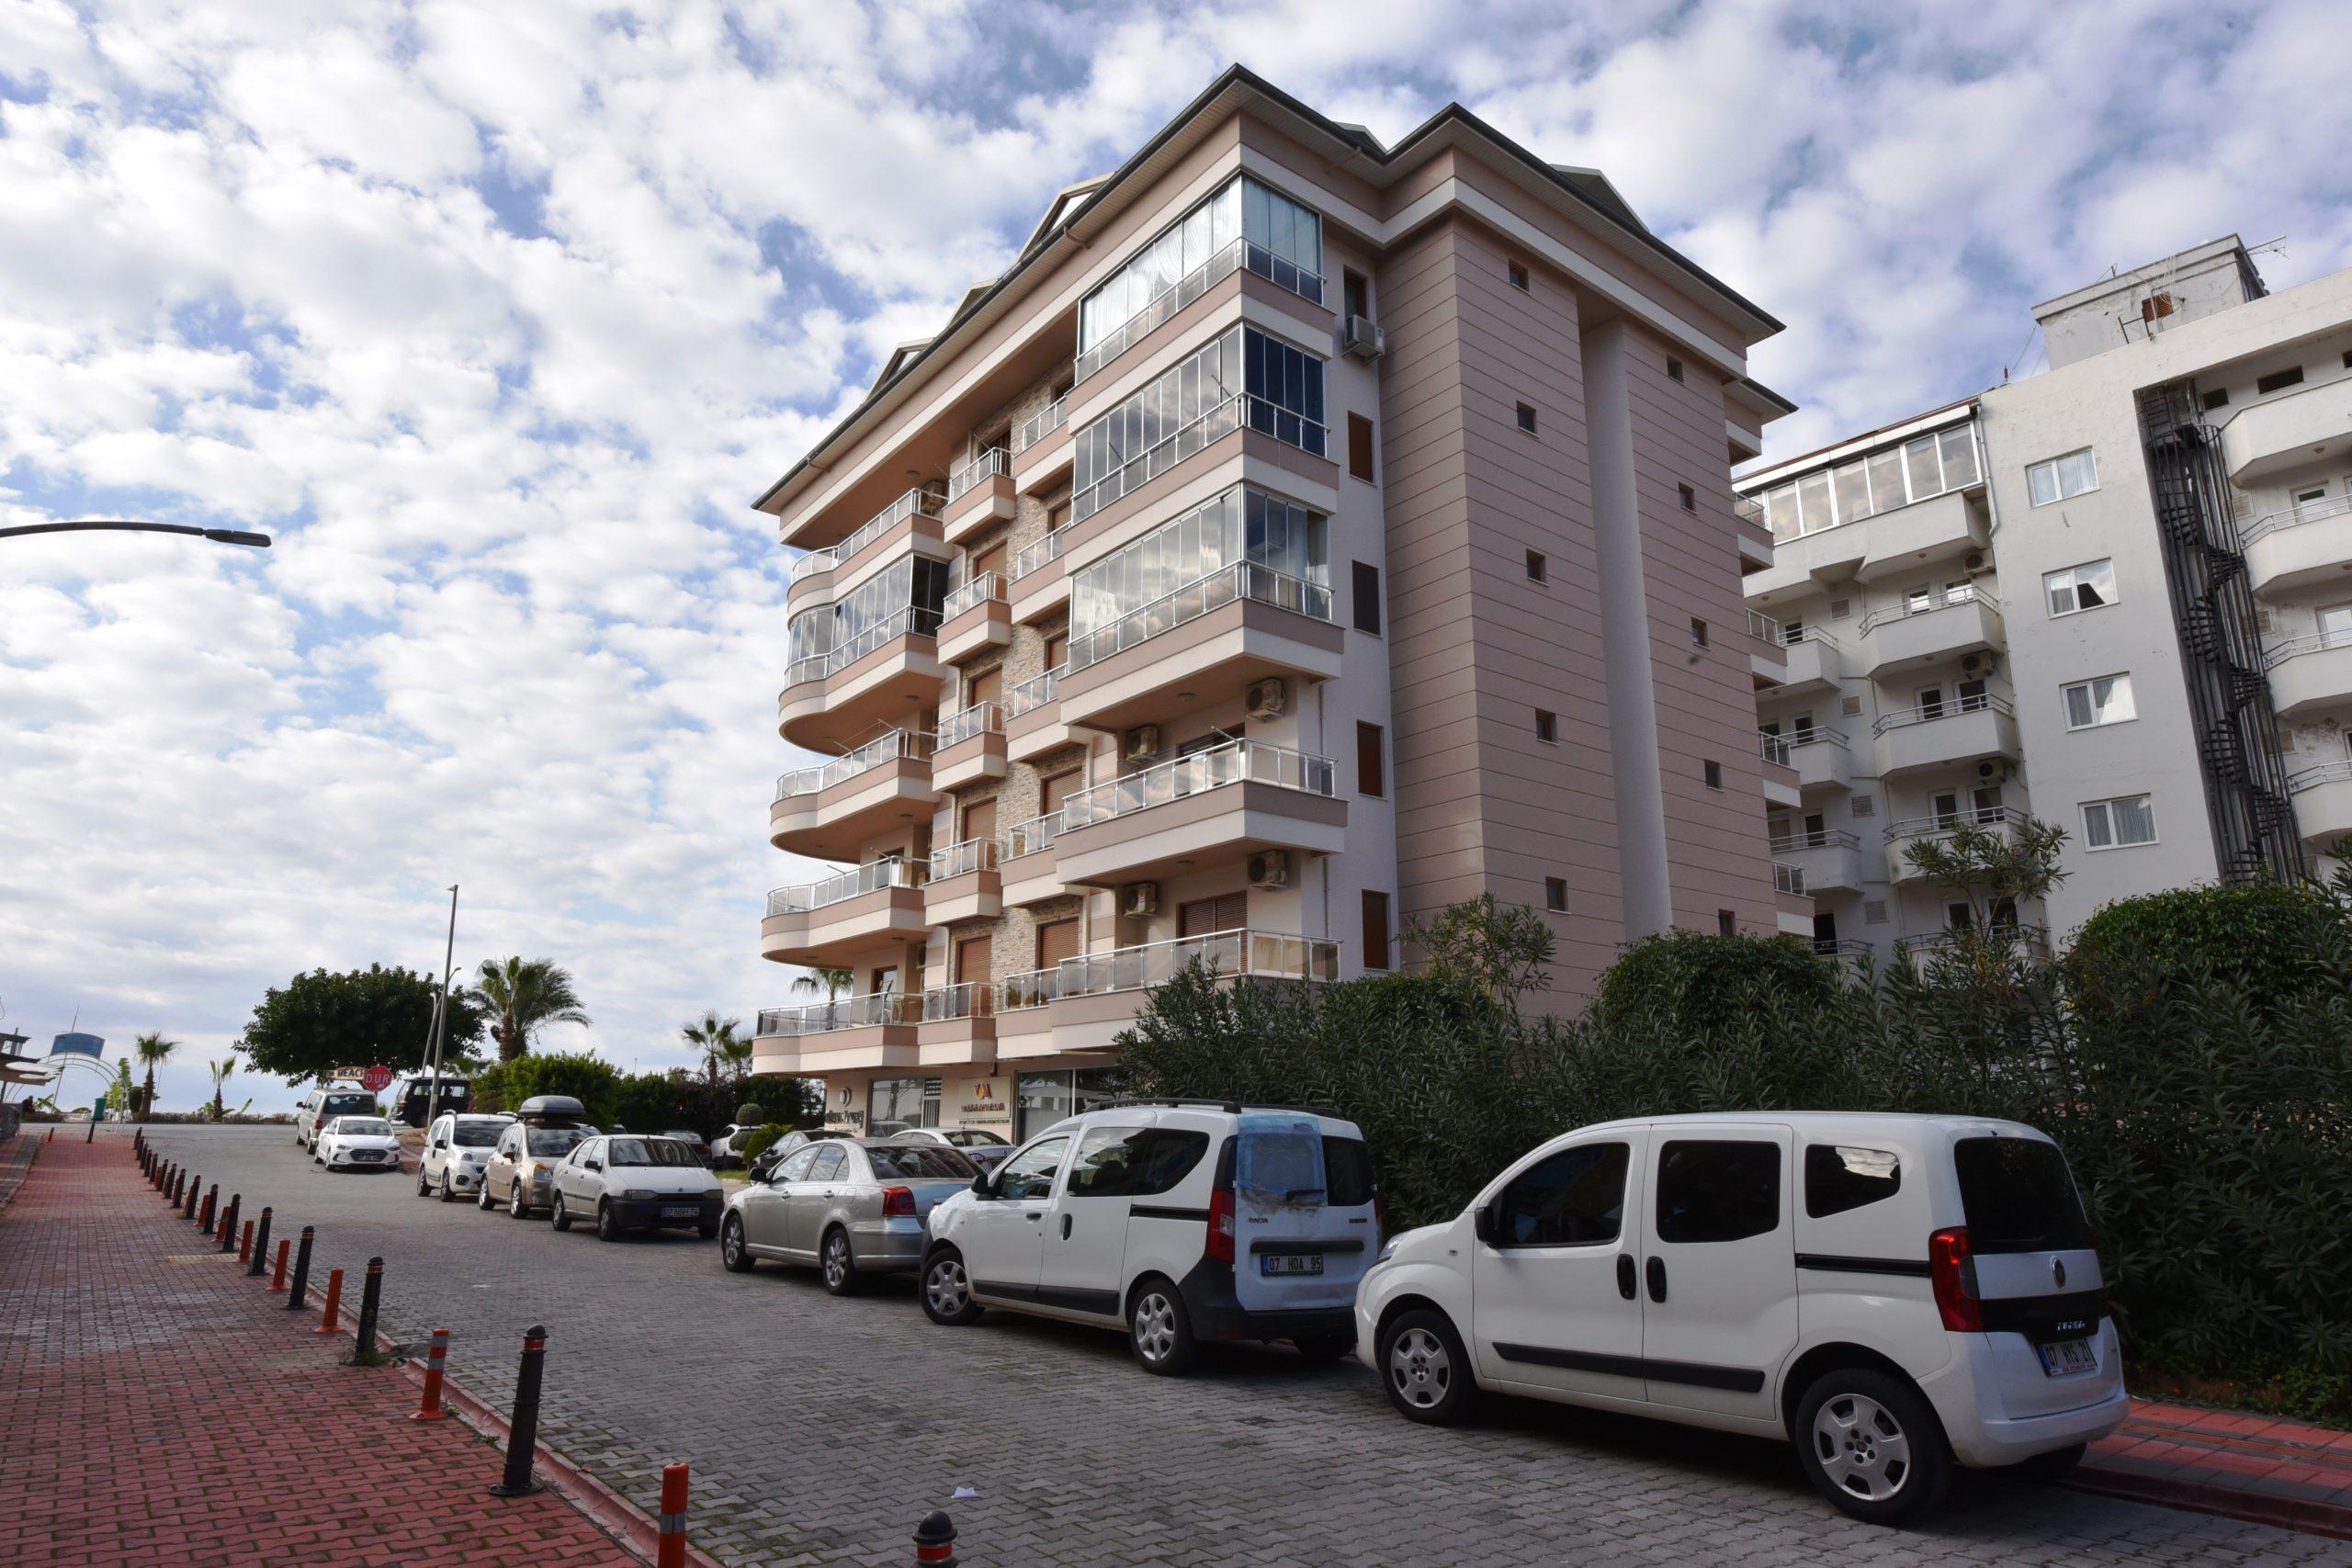 Квартира 1+1 на первой береговой линии - Фото 12